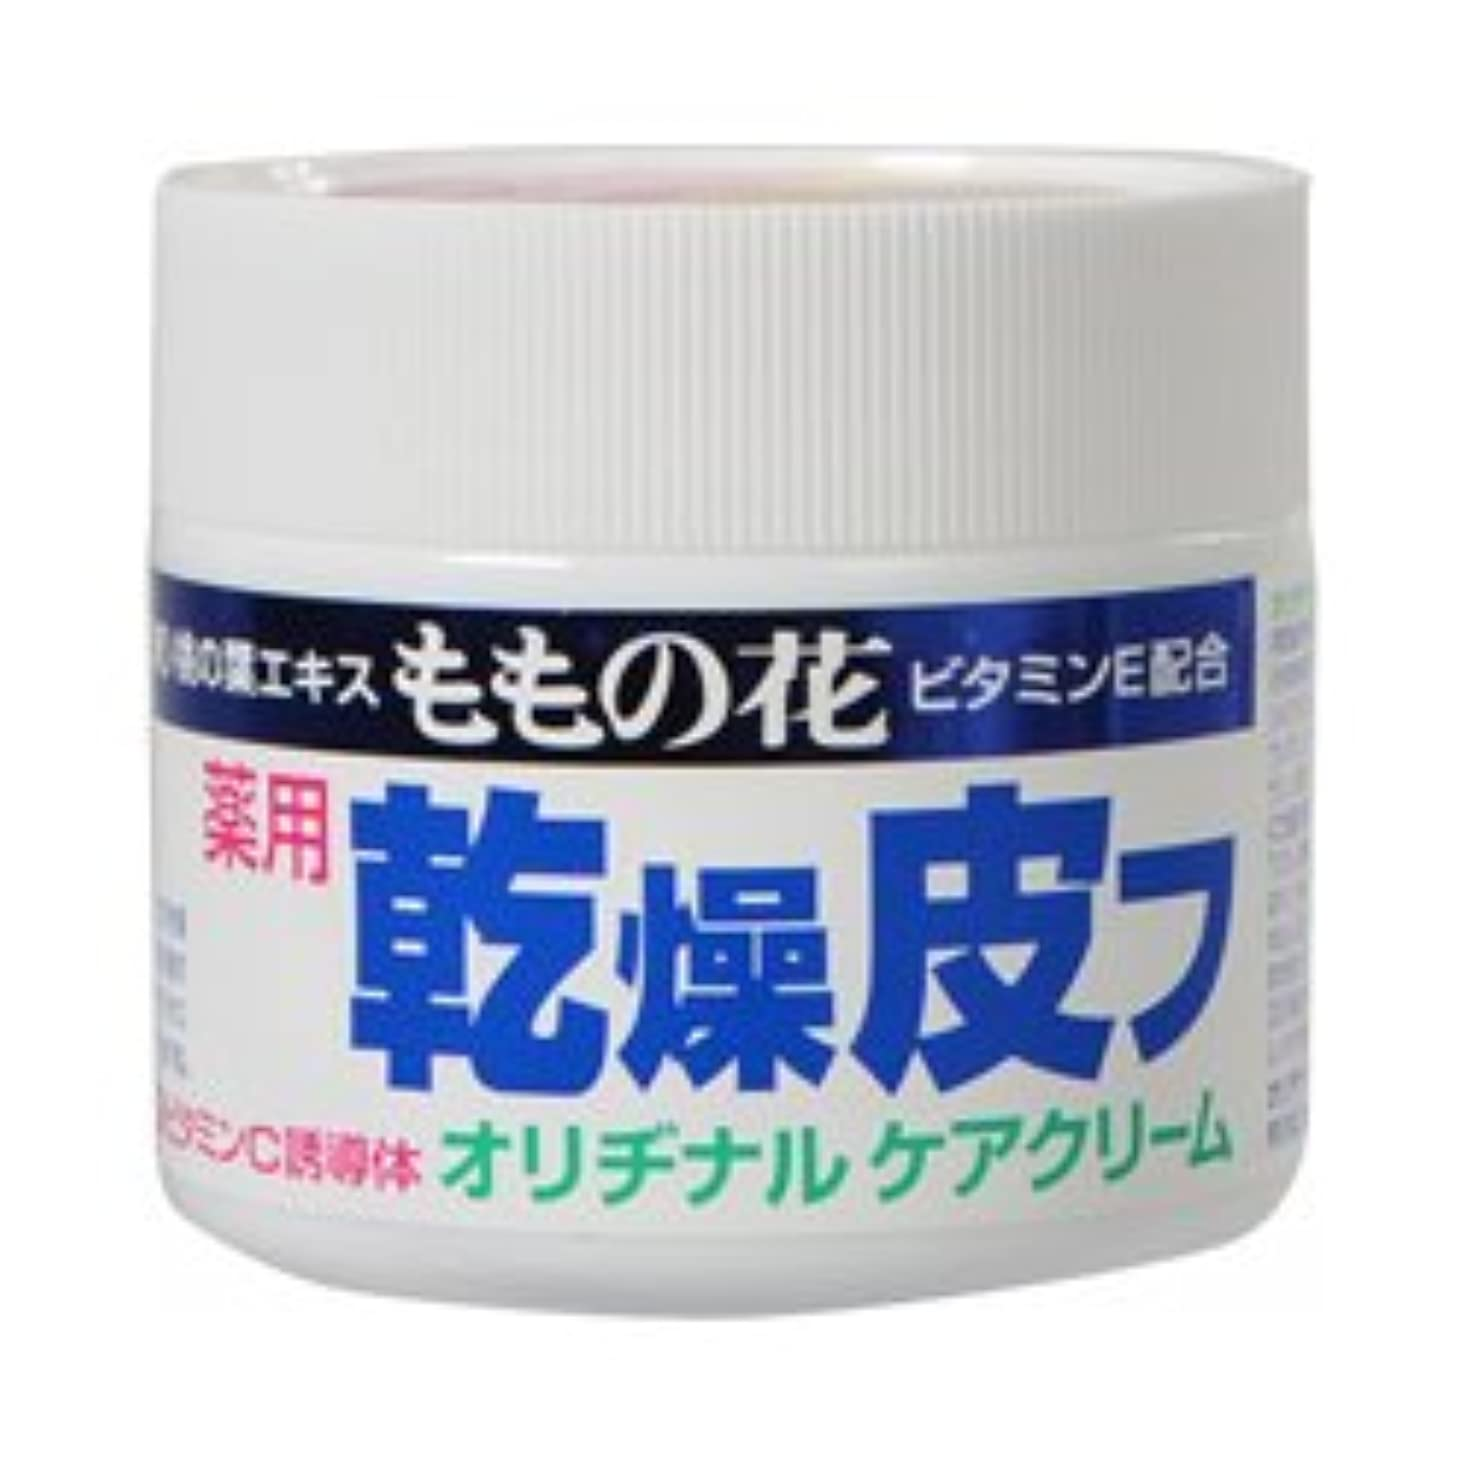 過剰範囲カートン【オリヂナル】ももの花乾燥皮フクリームC 70g ×10個セット